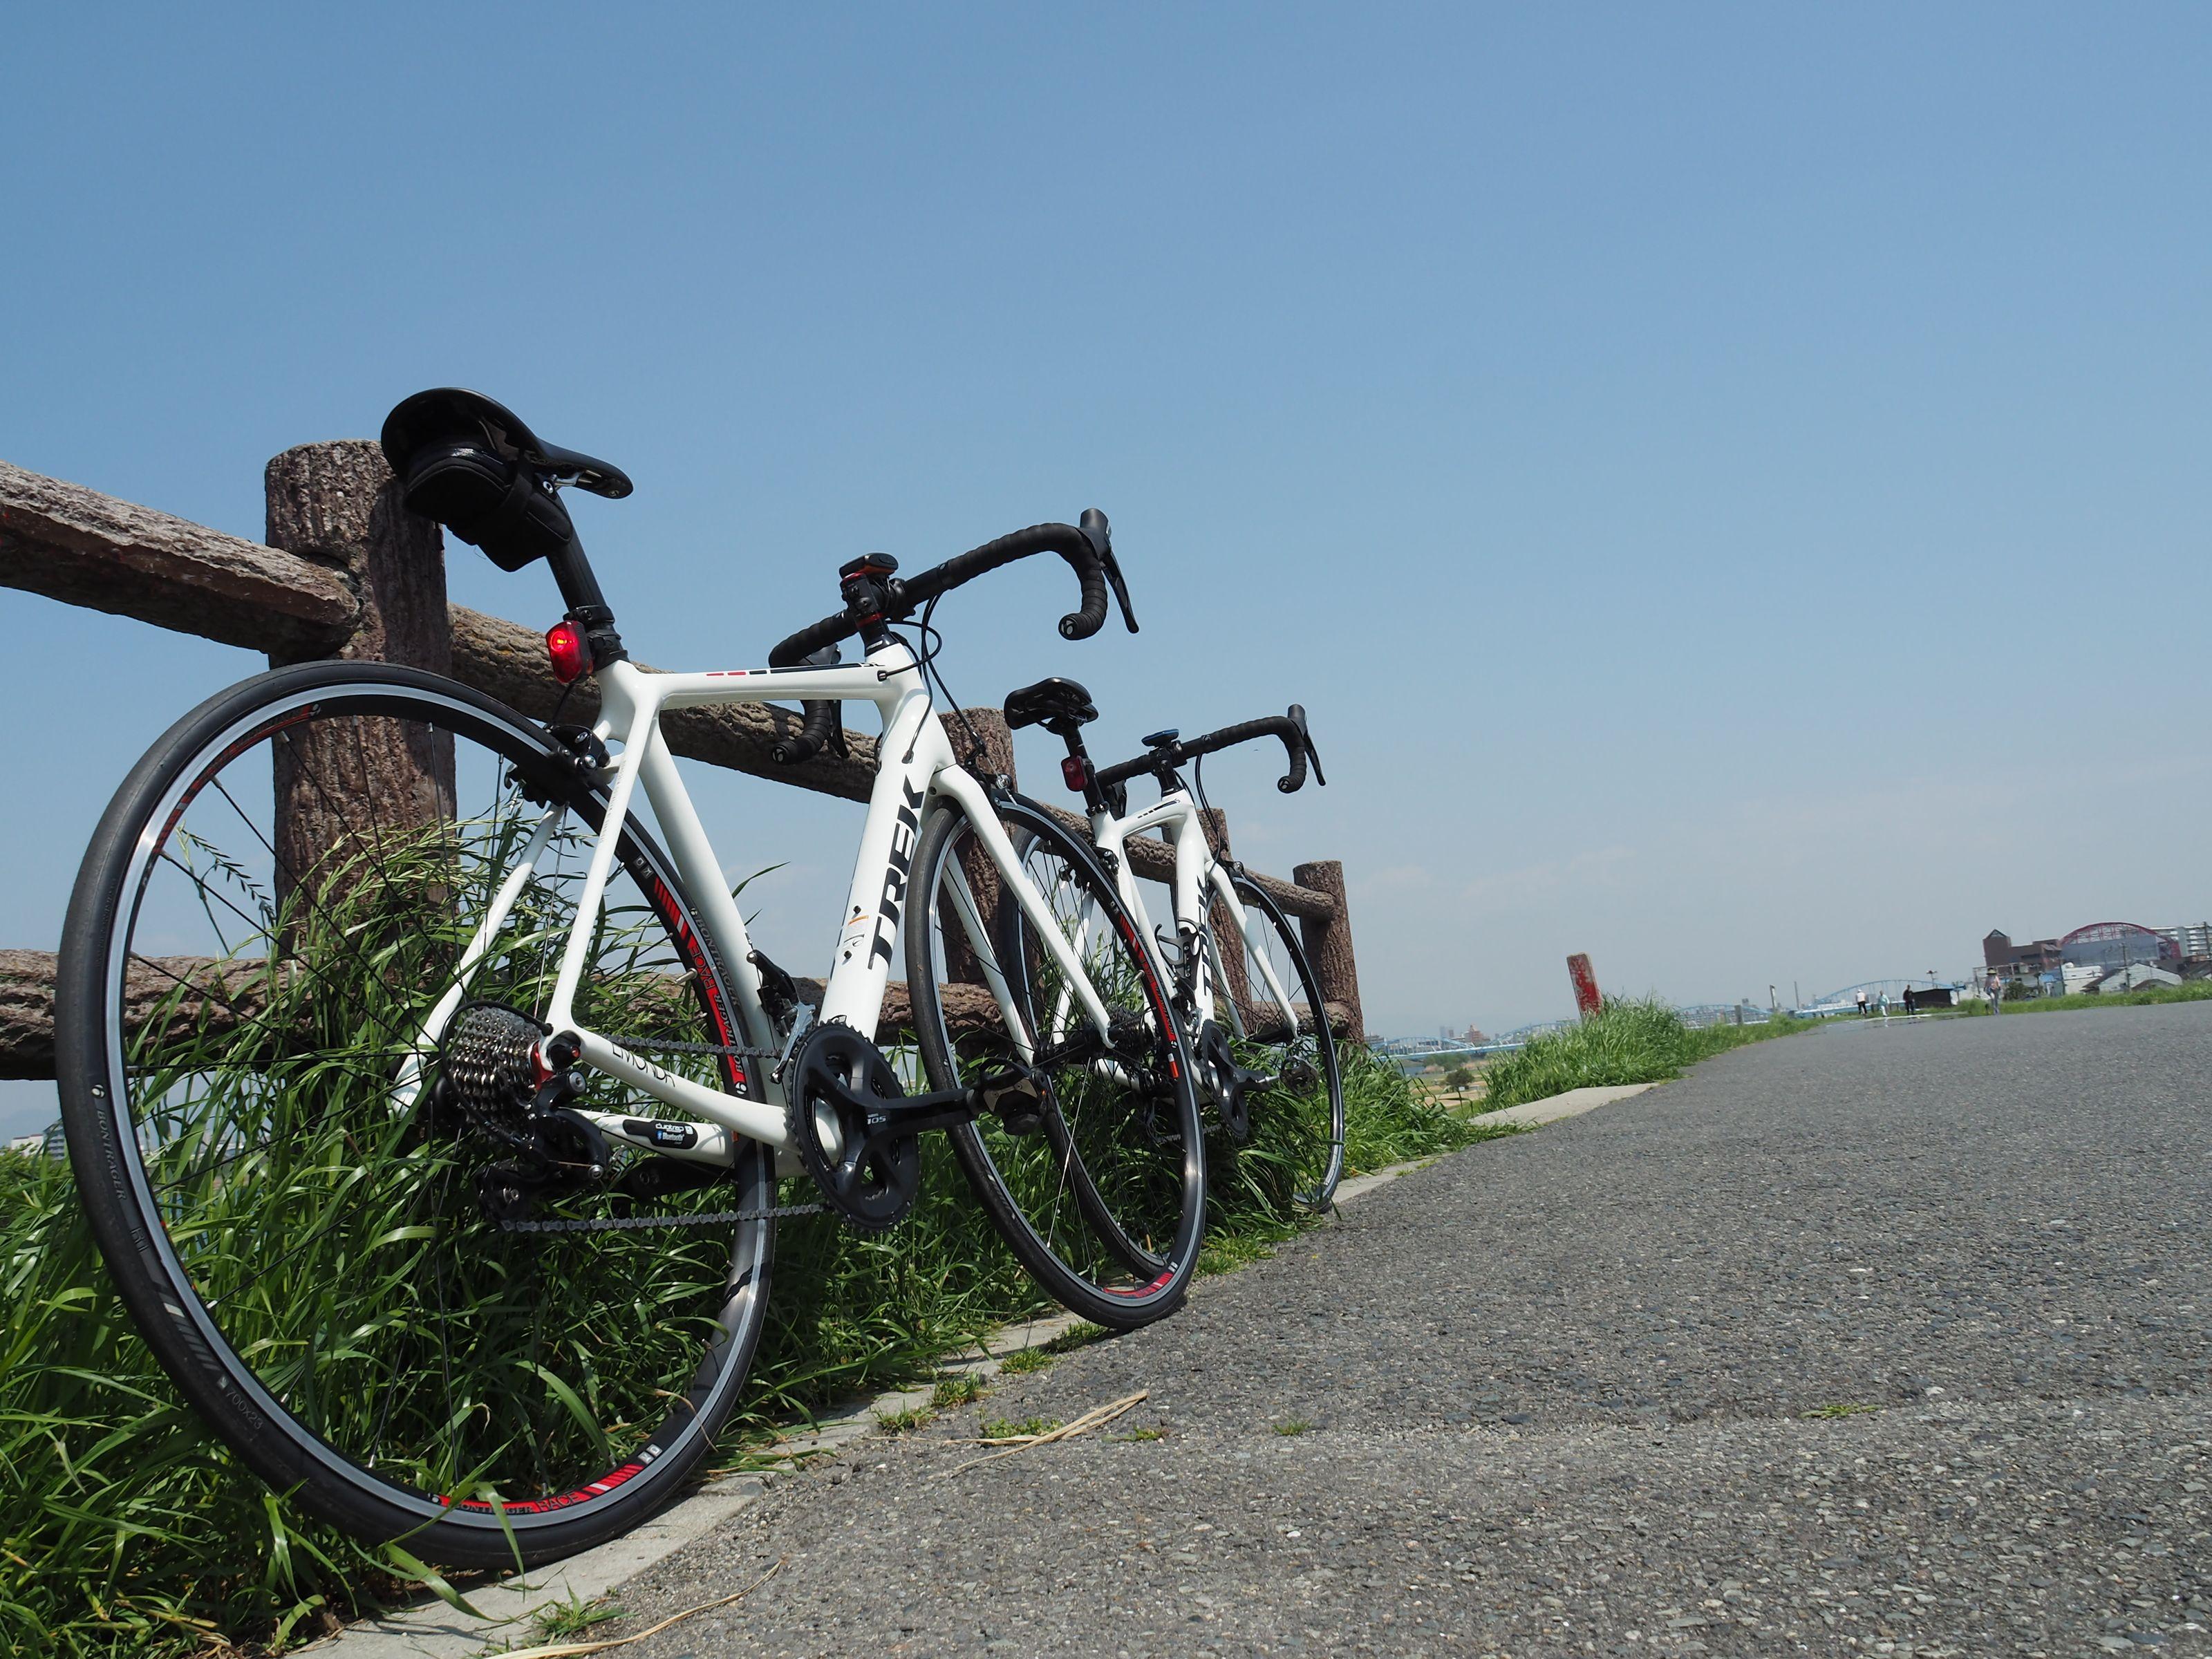 50 ロード バイク 壁紙 無料のhd壁紙 Joskabegami